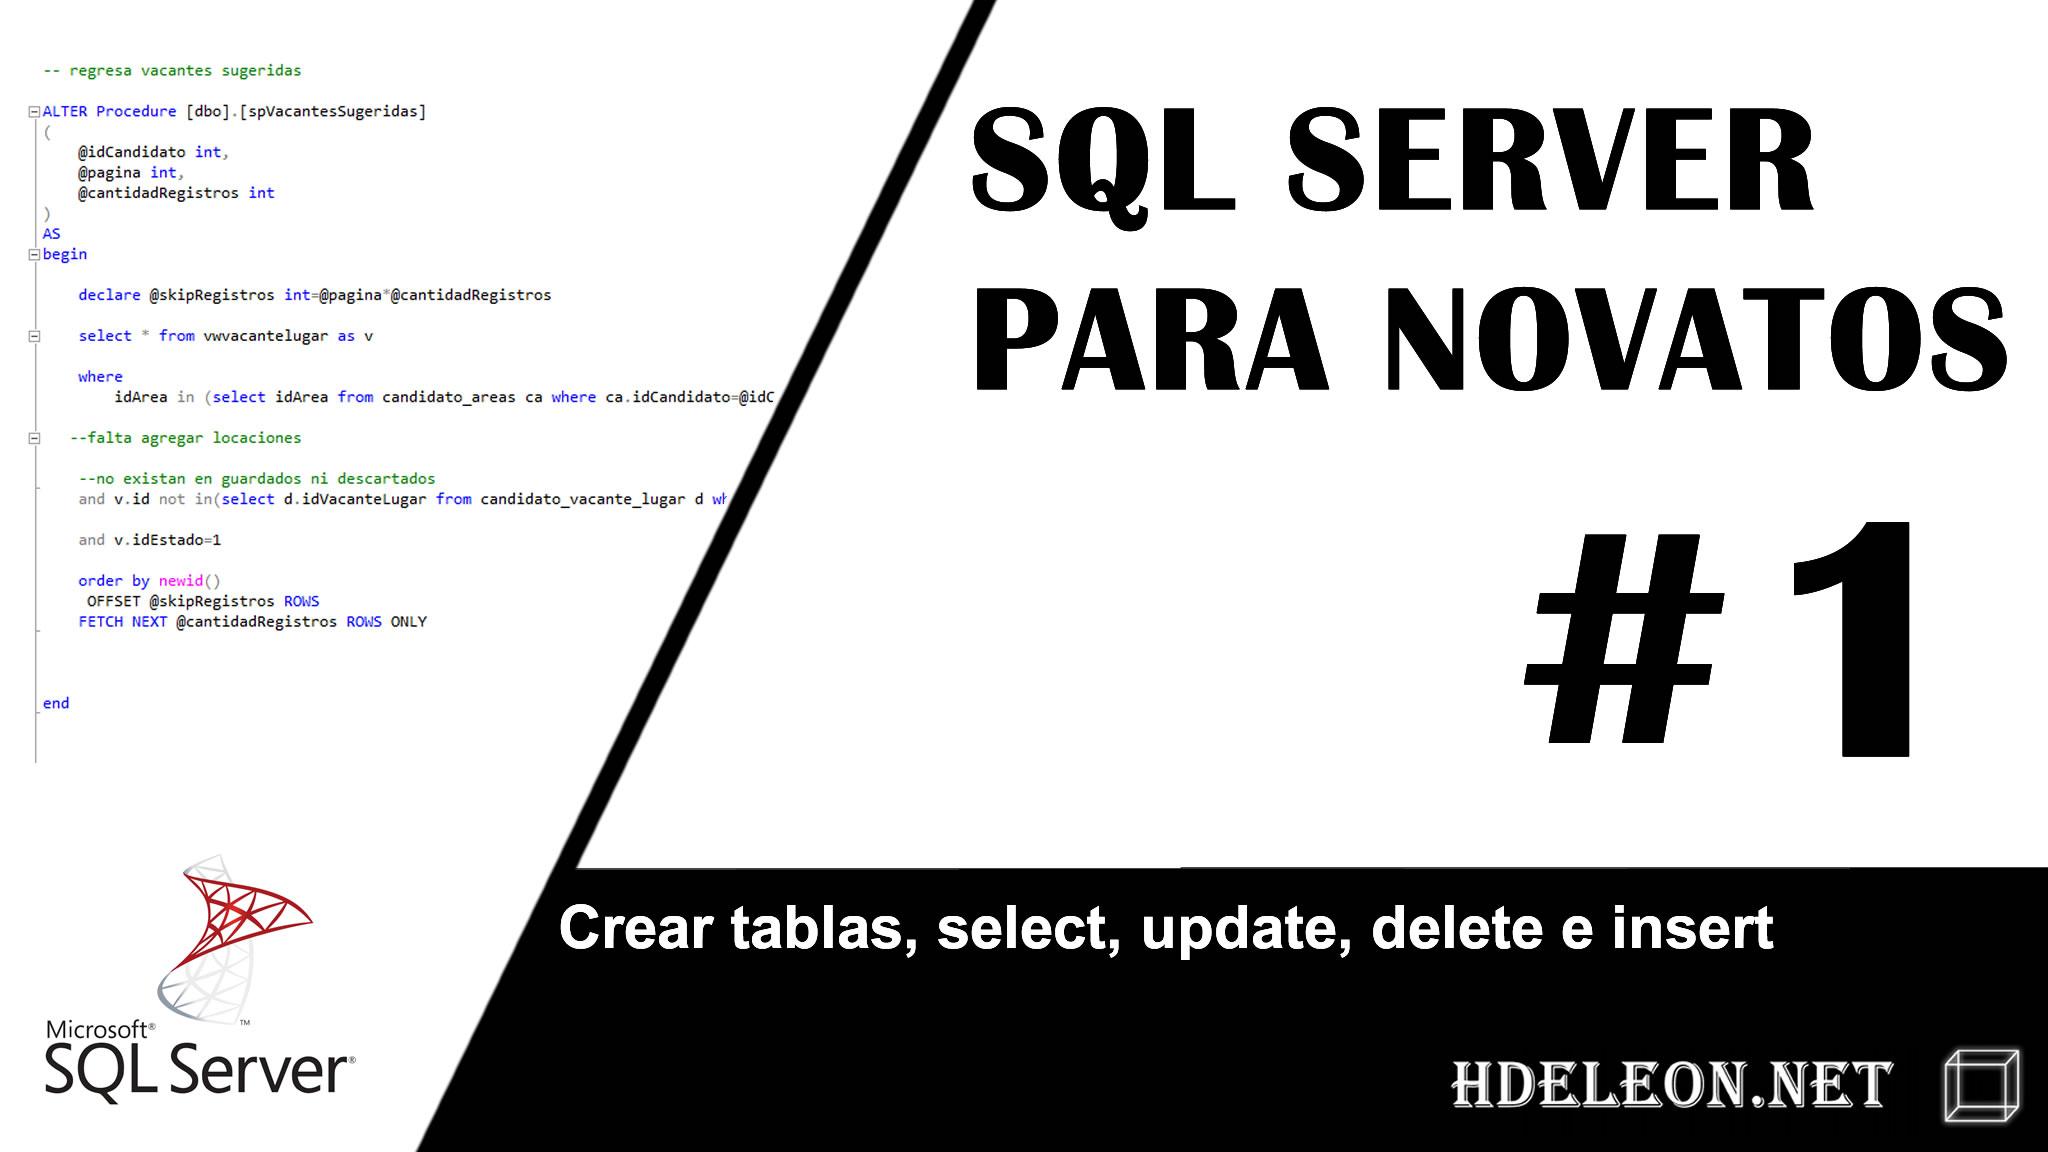 Sql Server para novatos